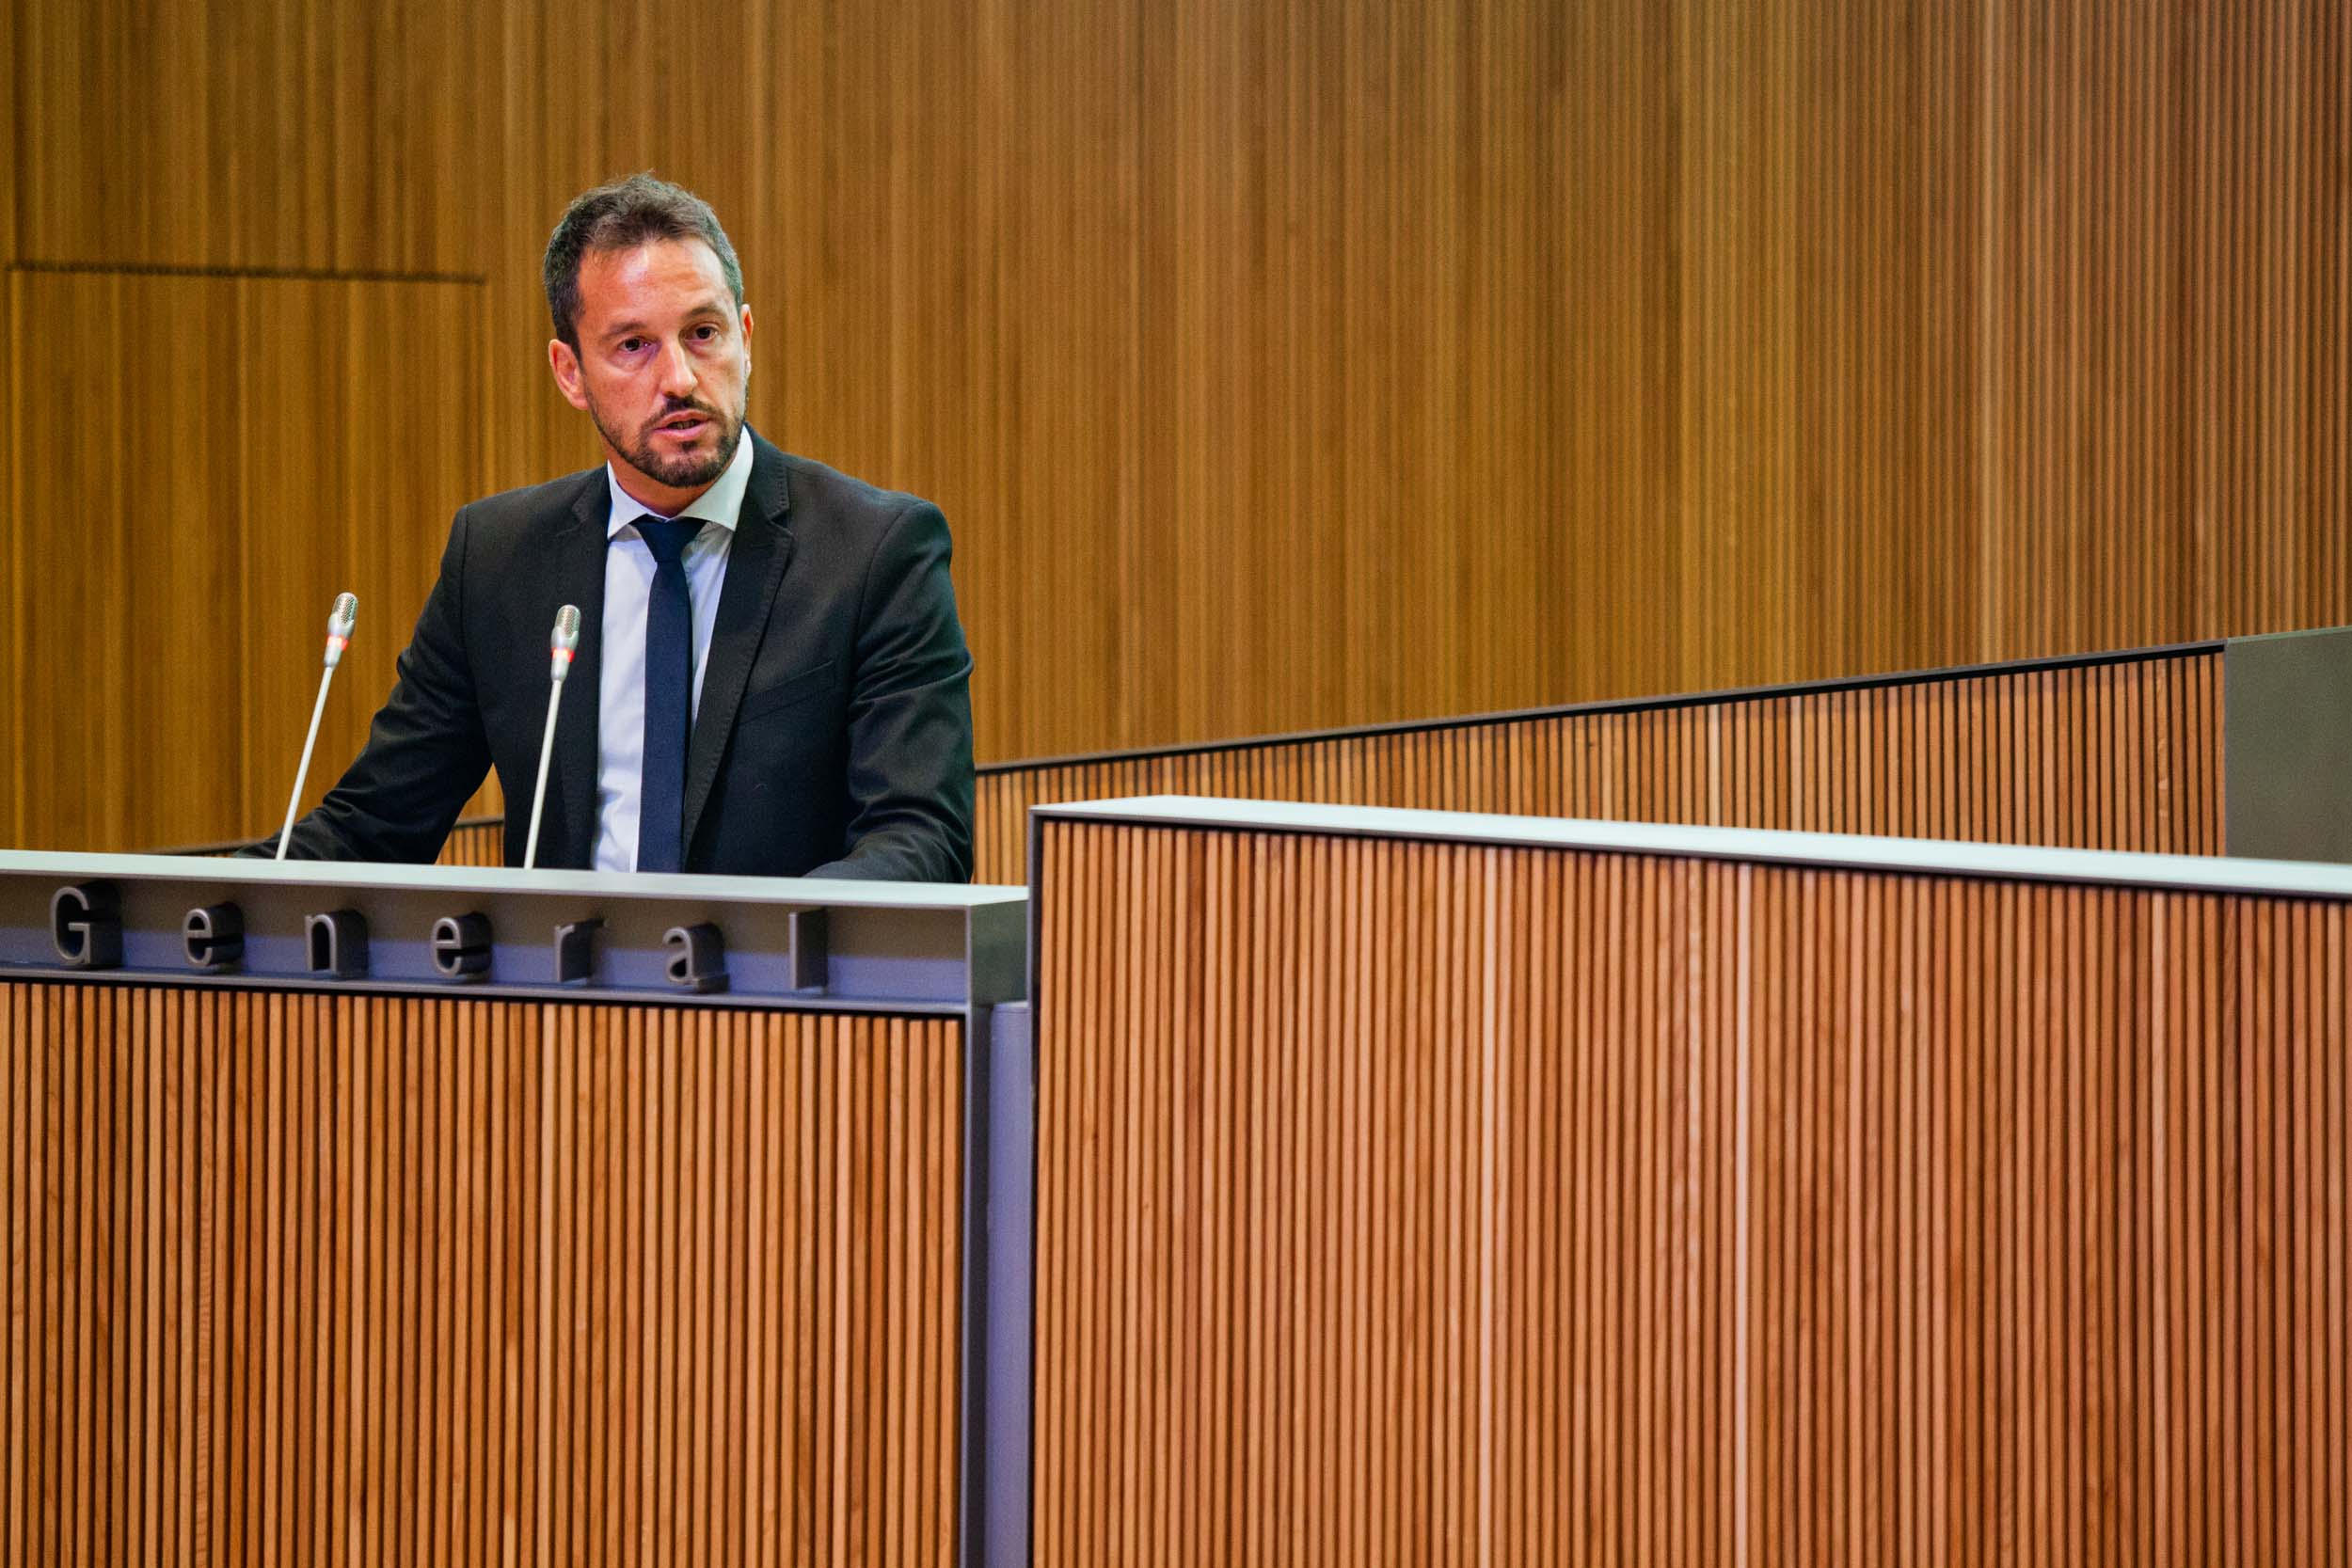 Intervenció de Pere López, president del Grup Parlamentari Mixt